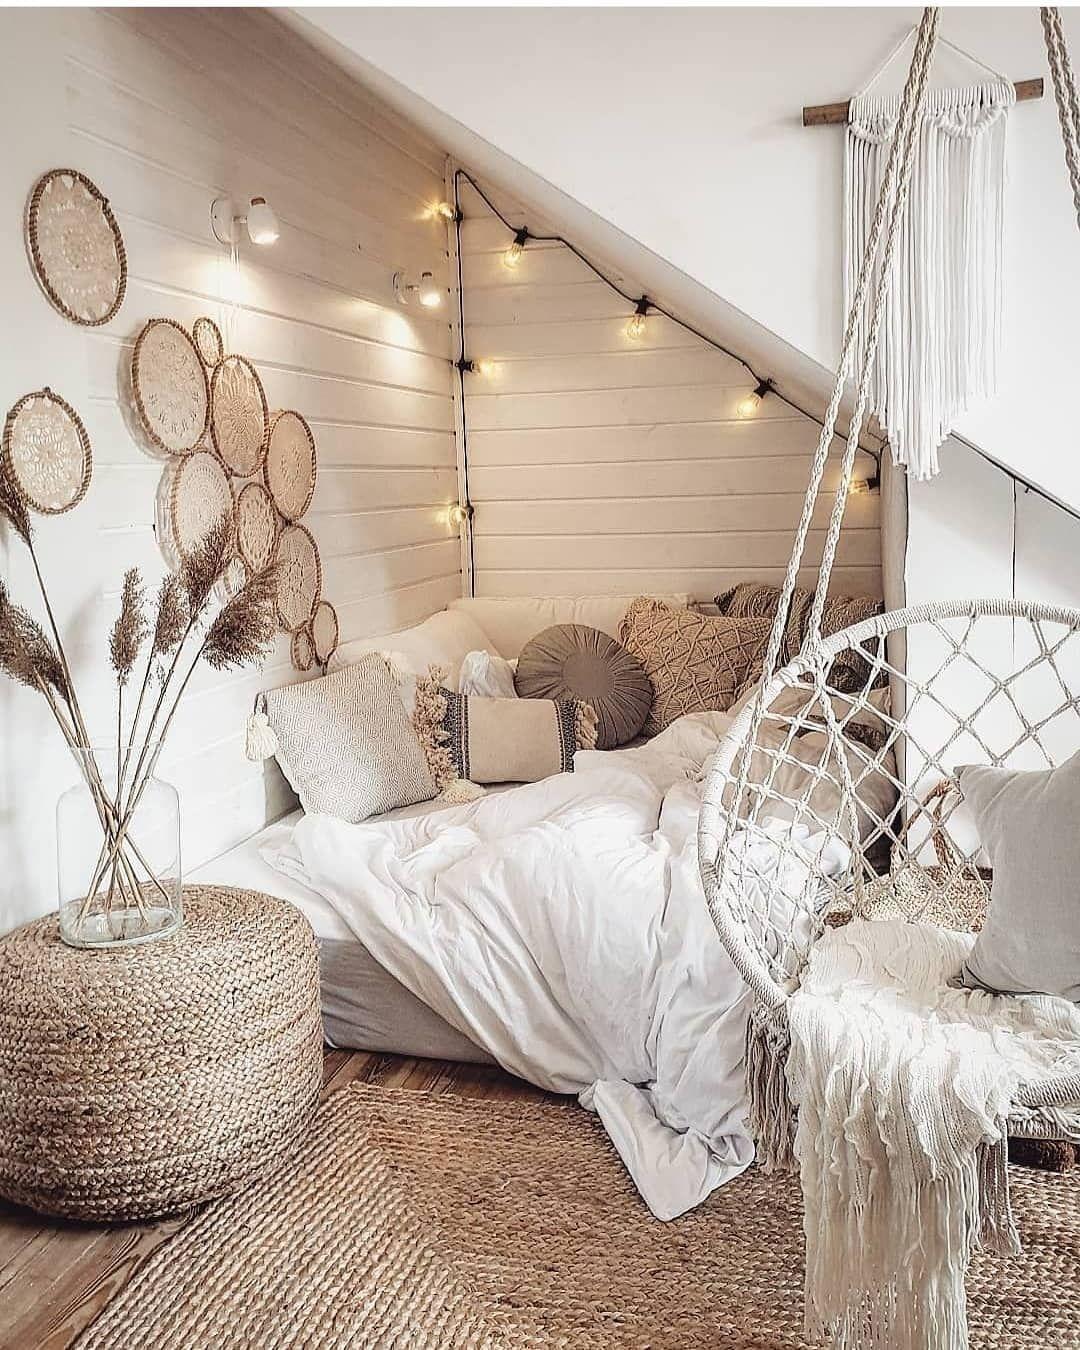 Accessoires pour la maison   Decoration chambre cocooning, Déco ...